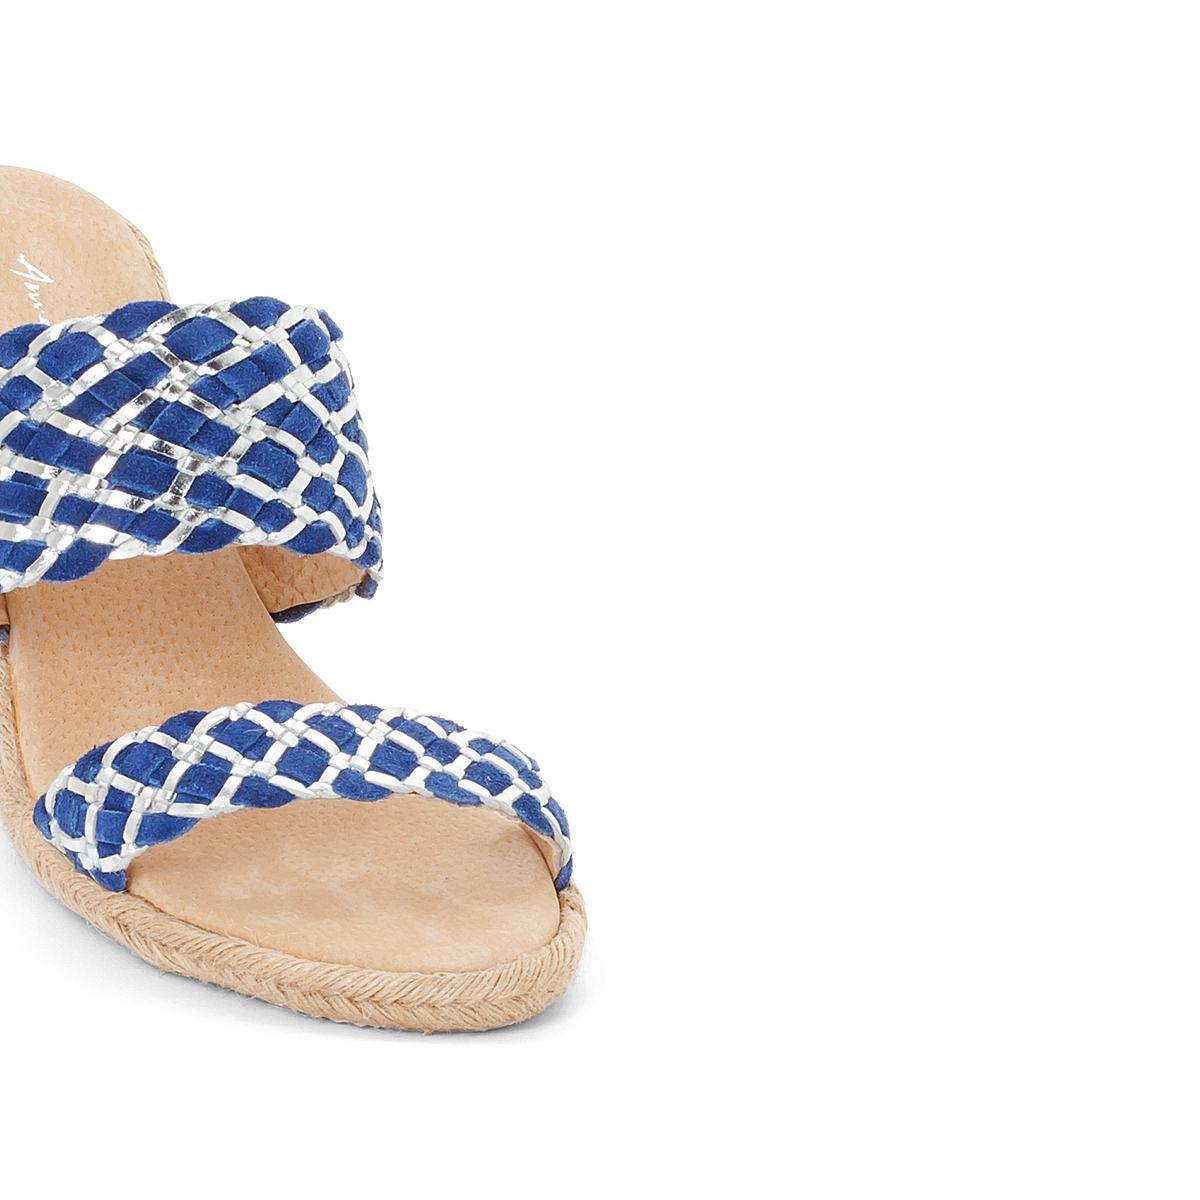 Туфли без задника кожаные с двойным ремешком